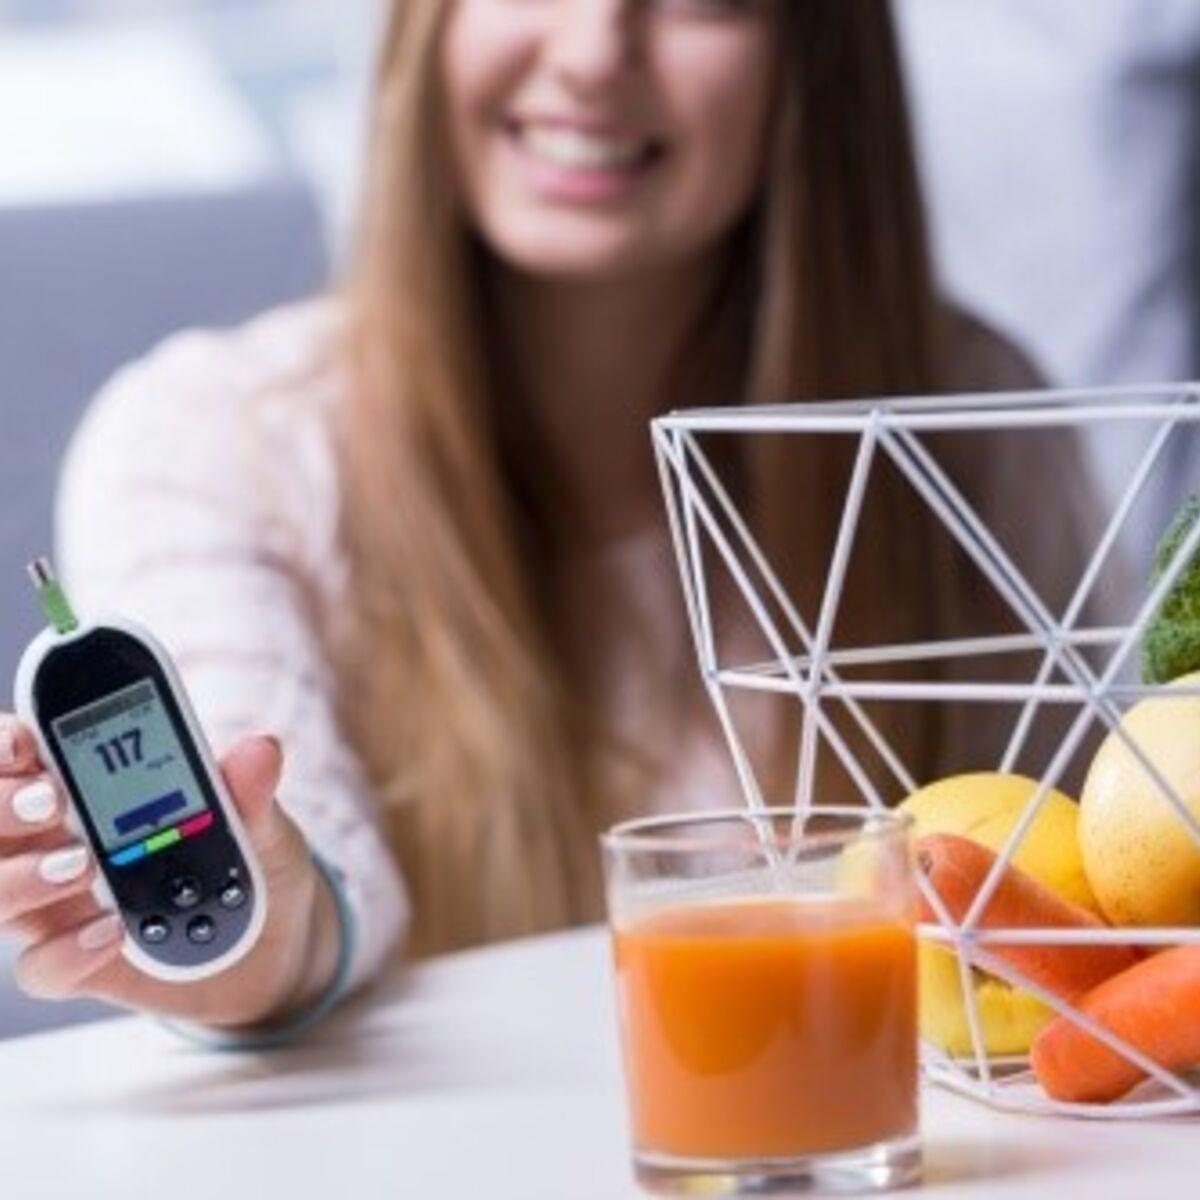 Neue Studie will Entstehung von TypDiabetes bei Kindern verhindern